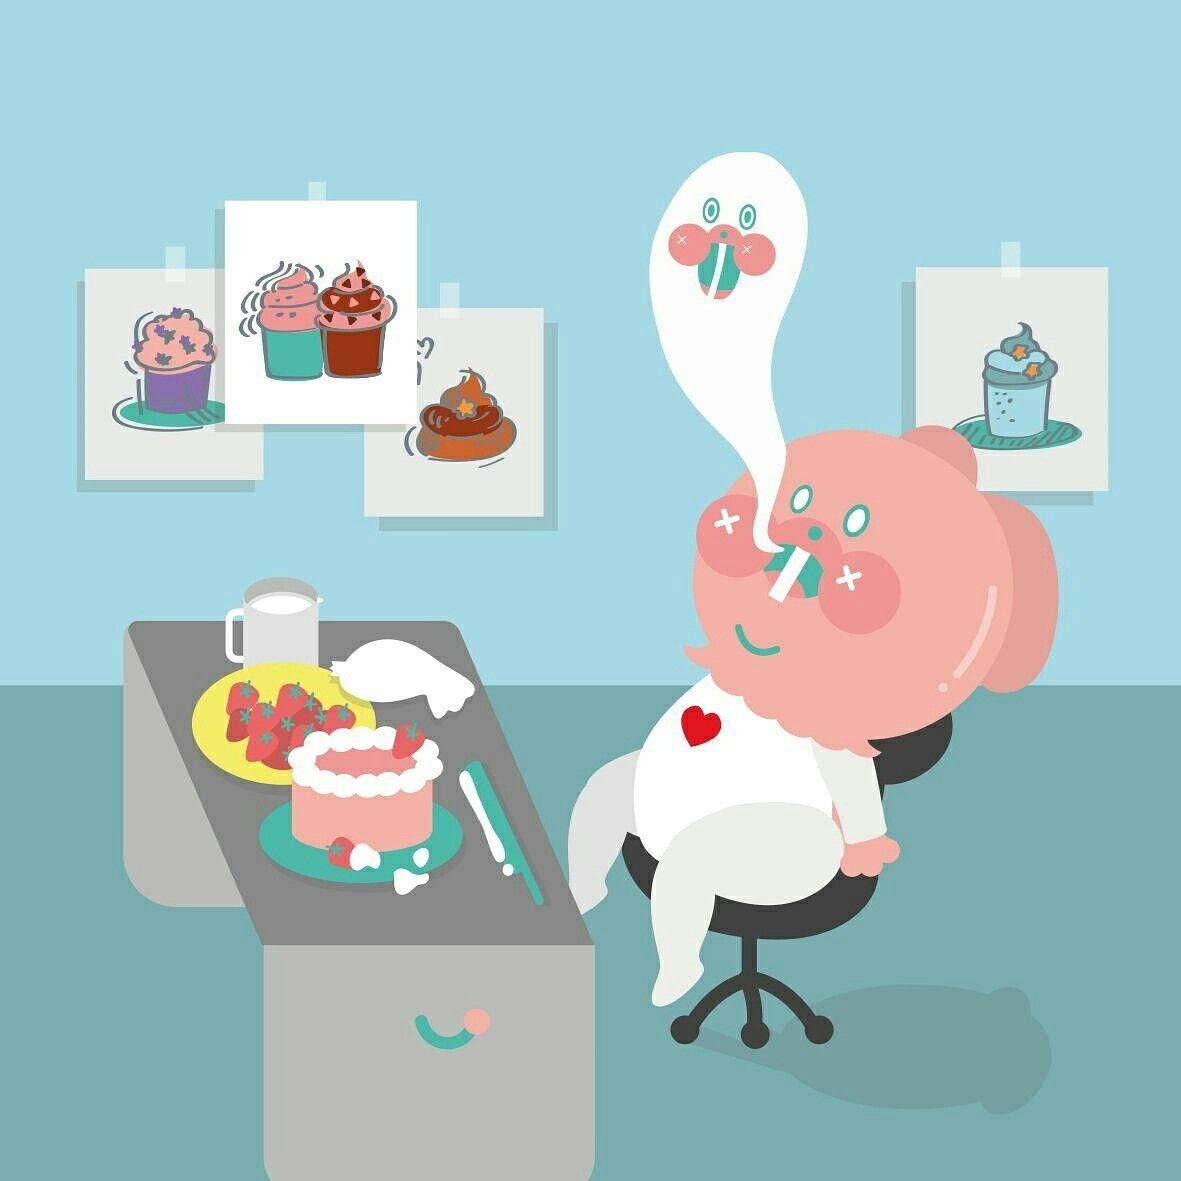 금요일 야근ㅠㅠ #illustration #drowning #插畫 #야근 #금요일밤  #uniquefamily #rabbit #garbi  #cake #character #dessert #lovecake